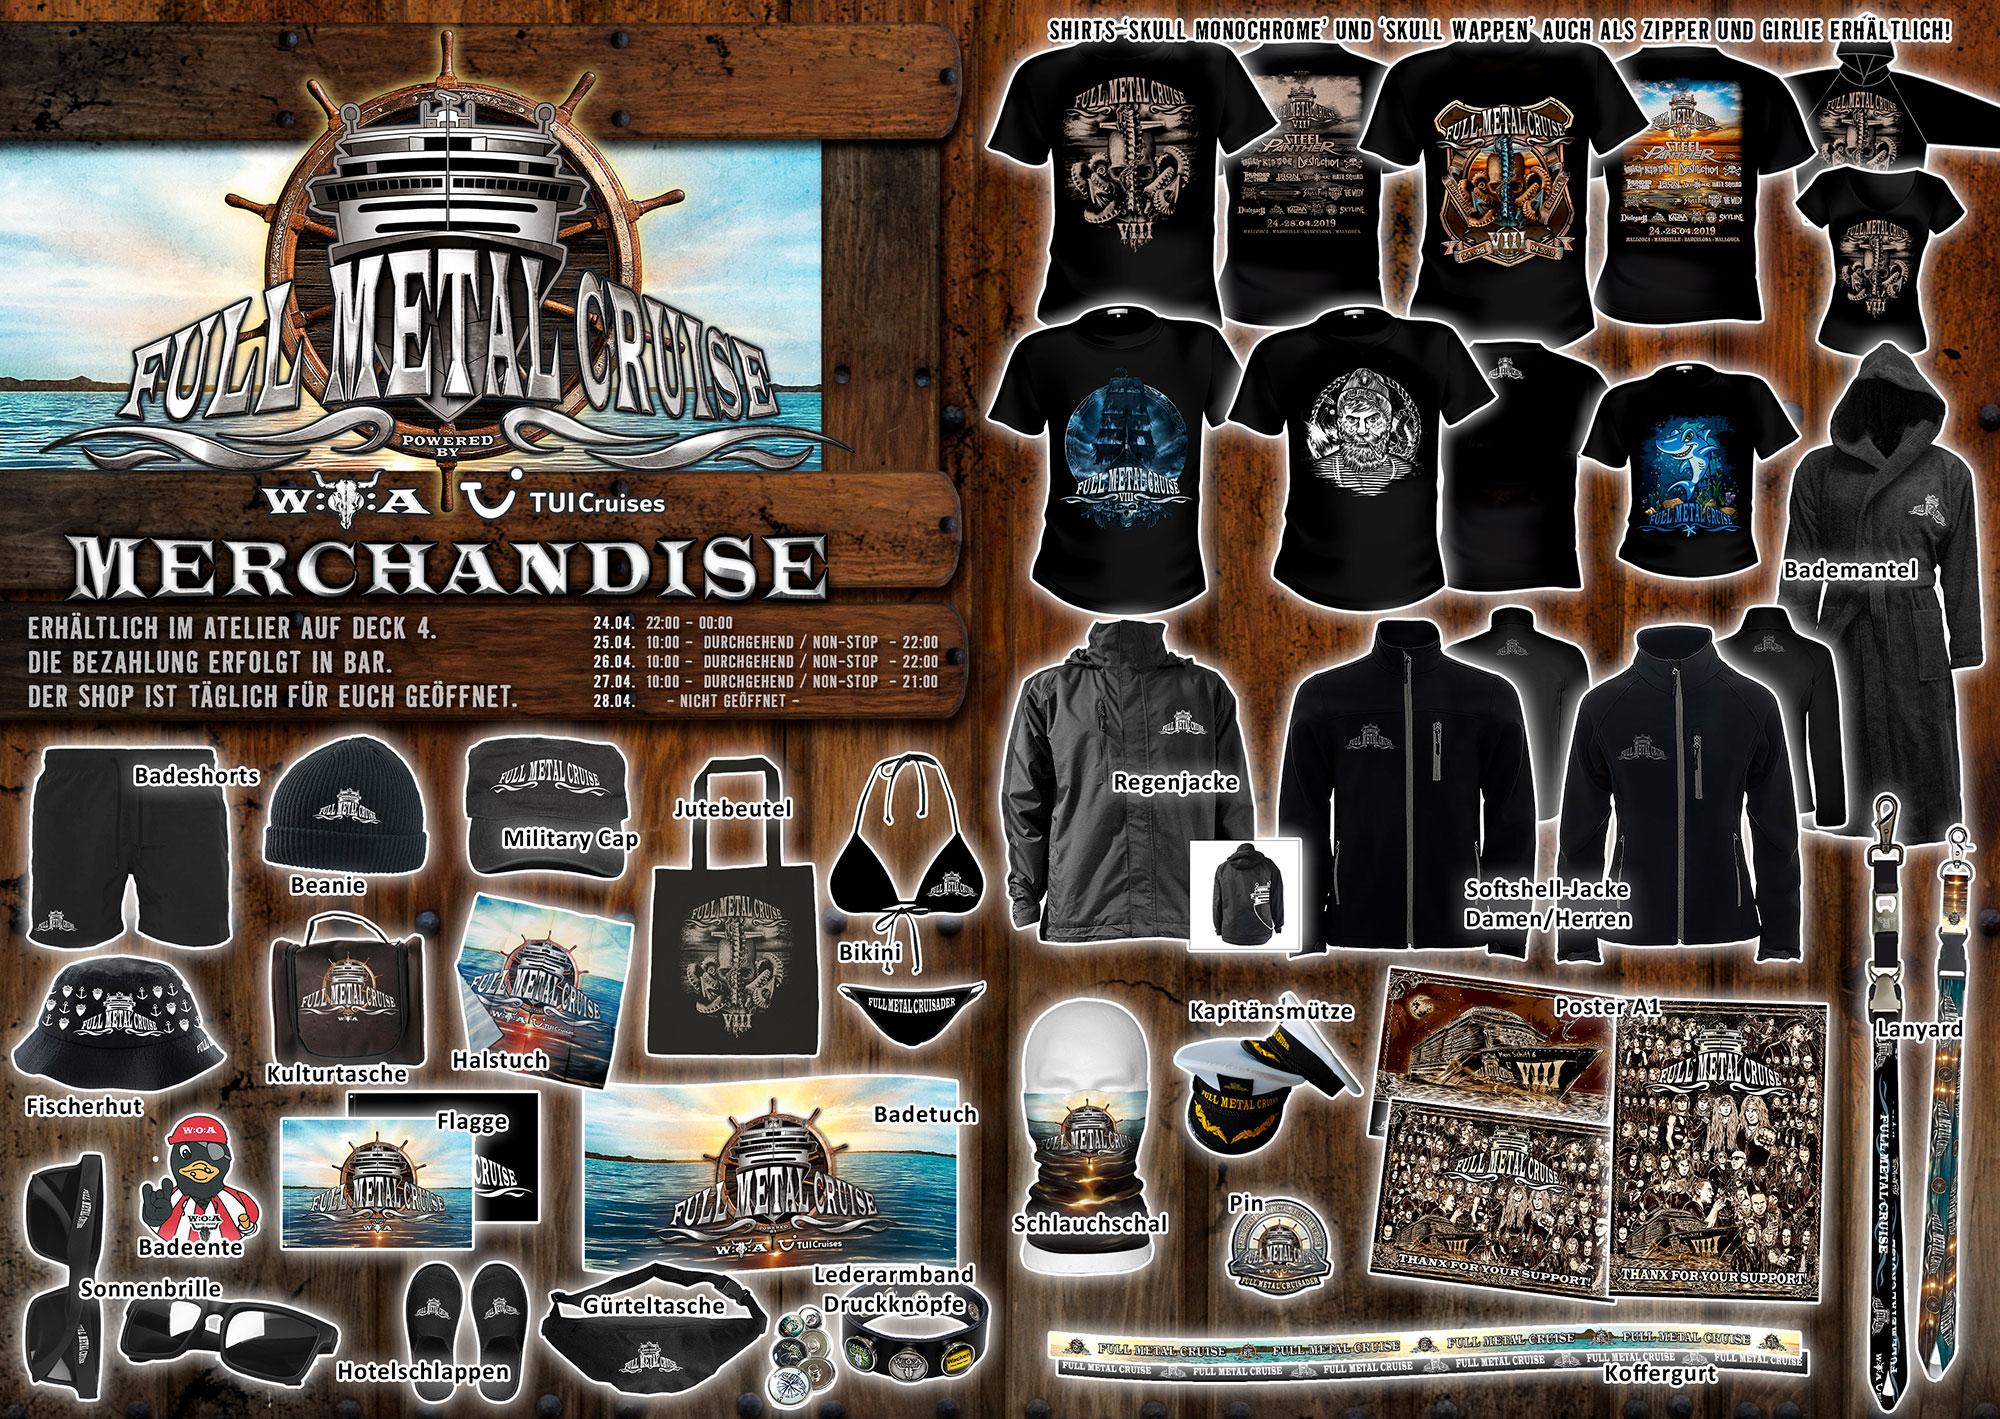 Merchandise an Bord der FMC VIII